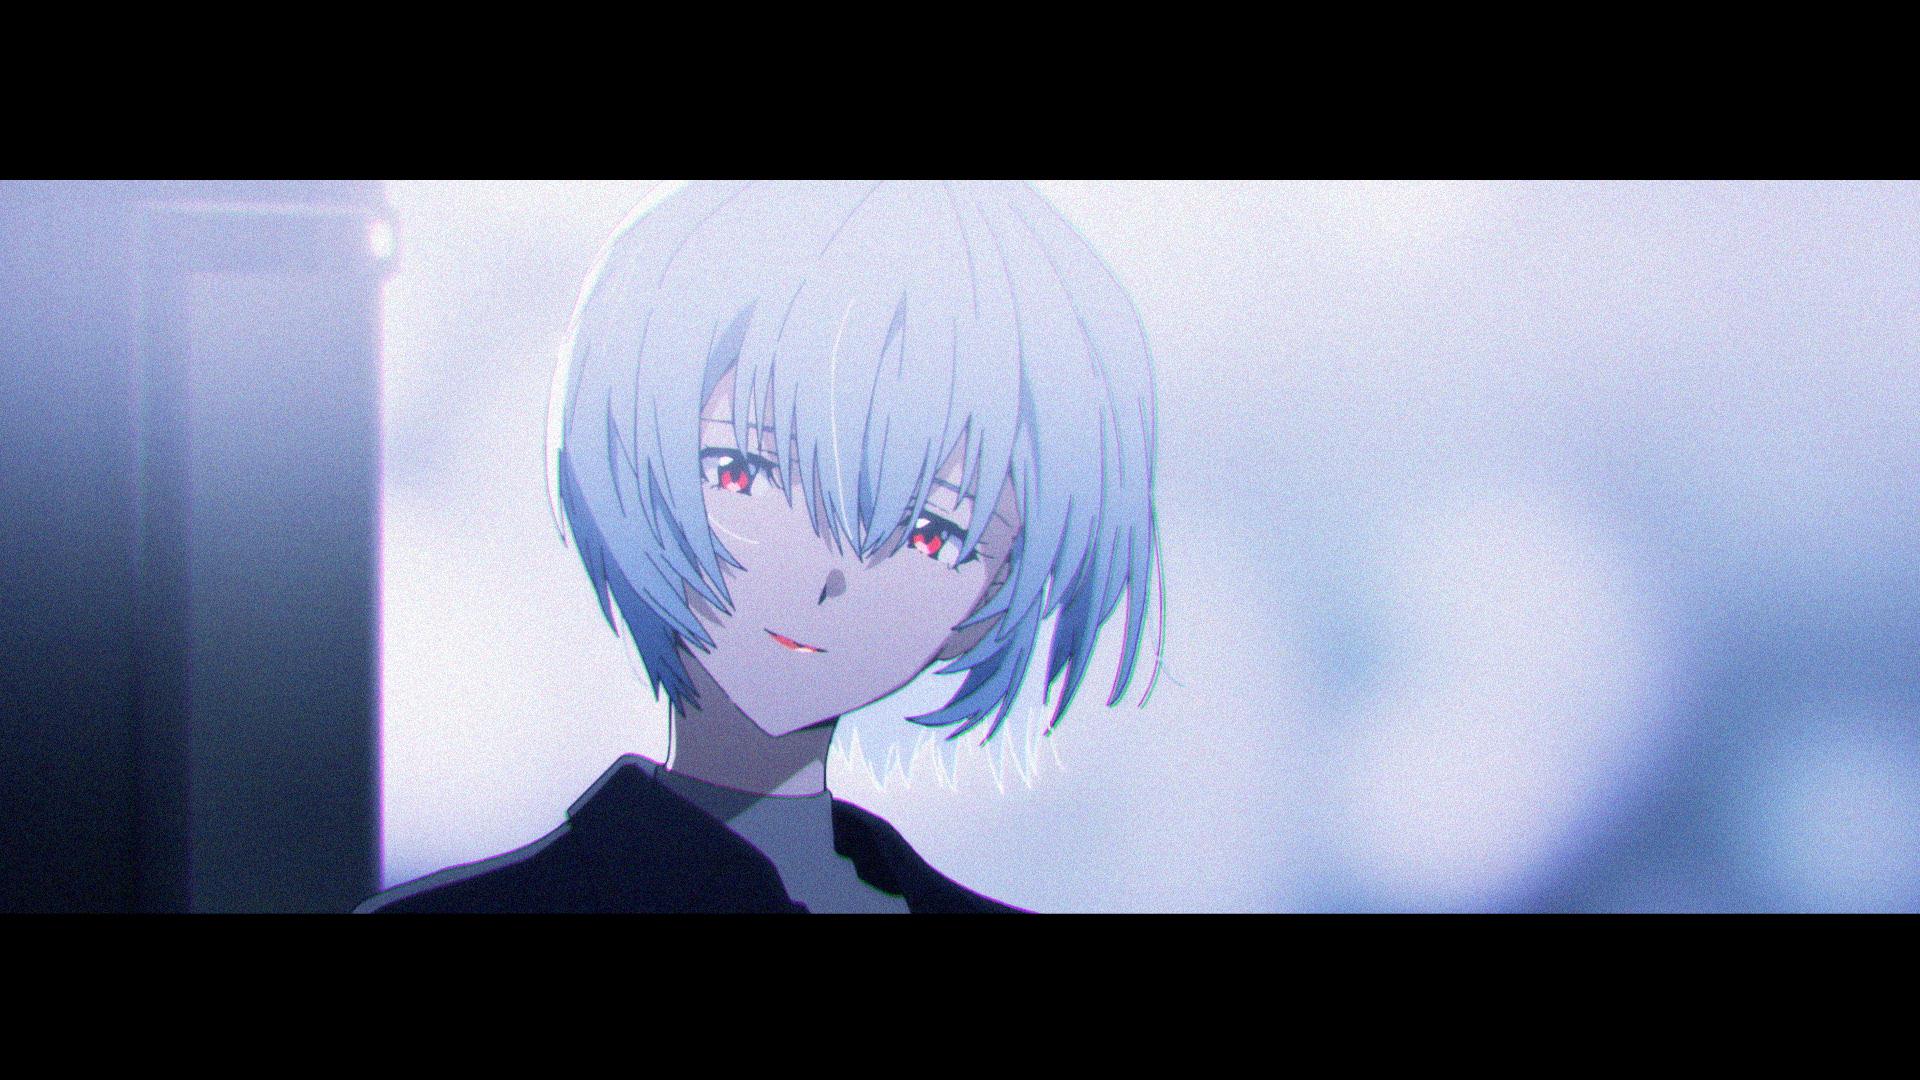 「エヴァ」×「KATE」コラボ動画第2弾が公開!綾波レイが微笑むその先には…?気になるラストシーンが追加